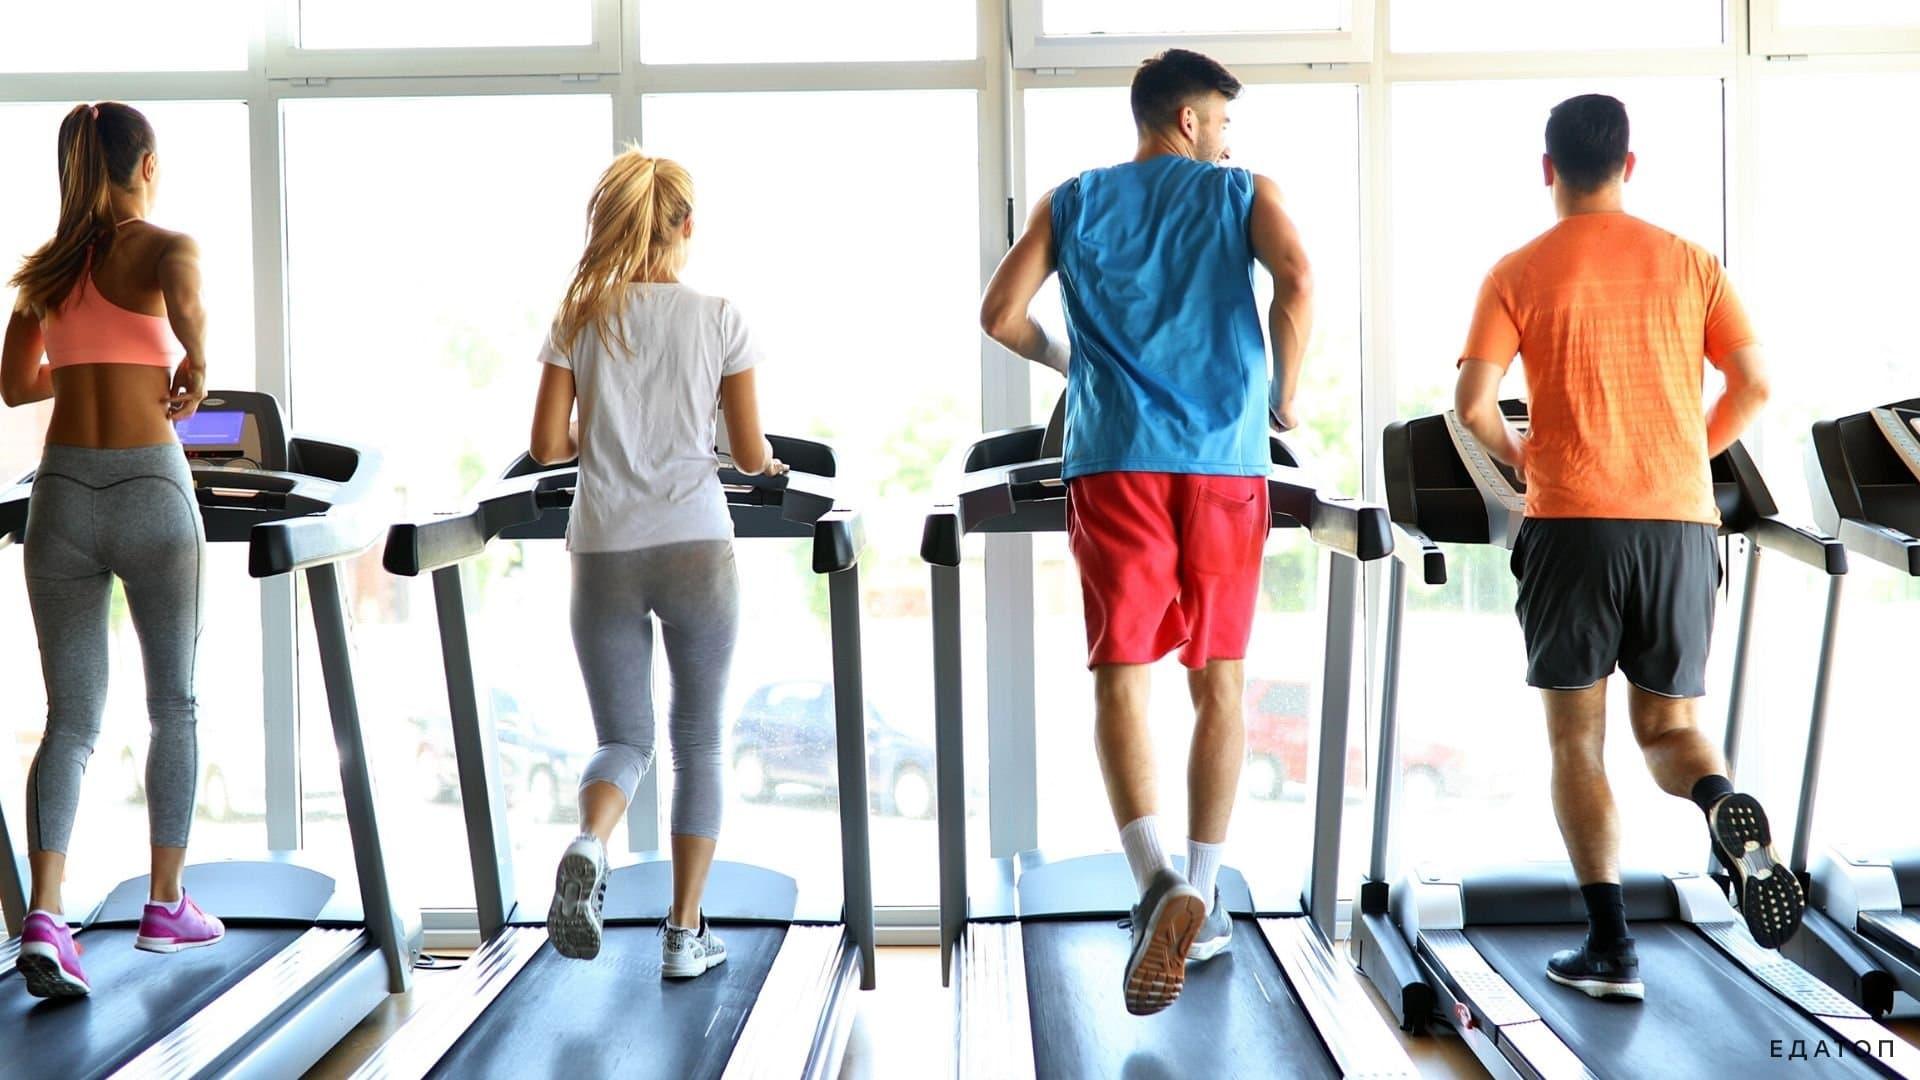 Сжечь Жир При Тренировках. 5 способов сжечь больше жира на каждой тренировке